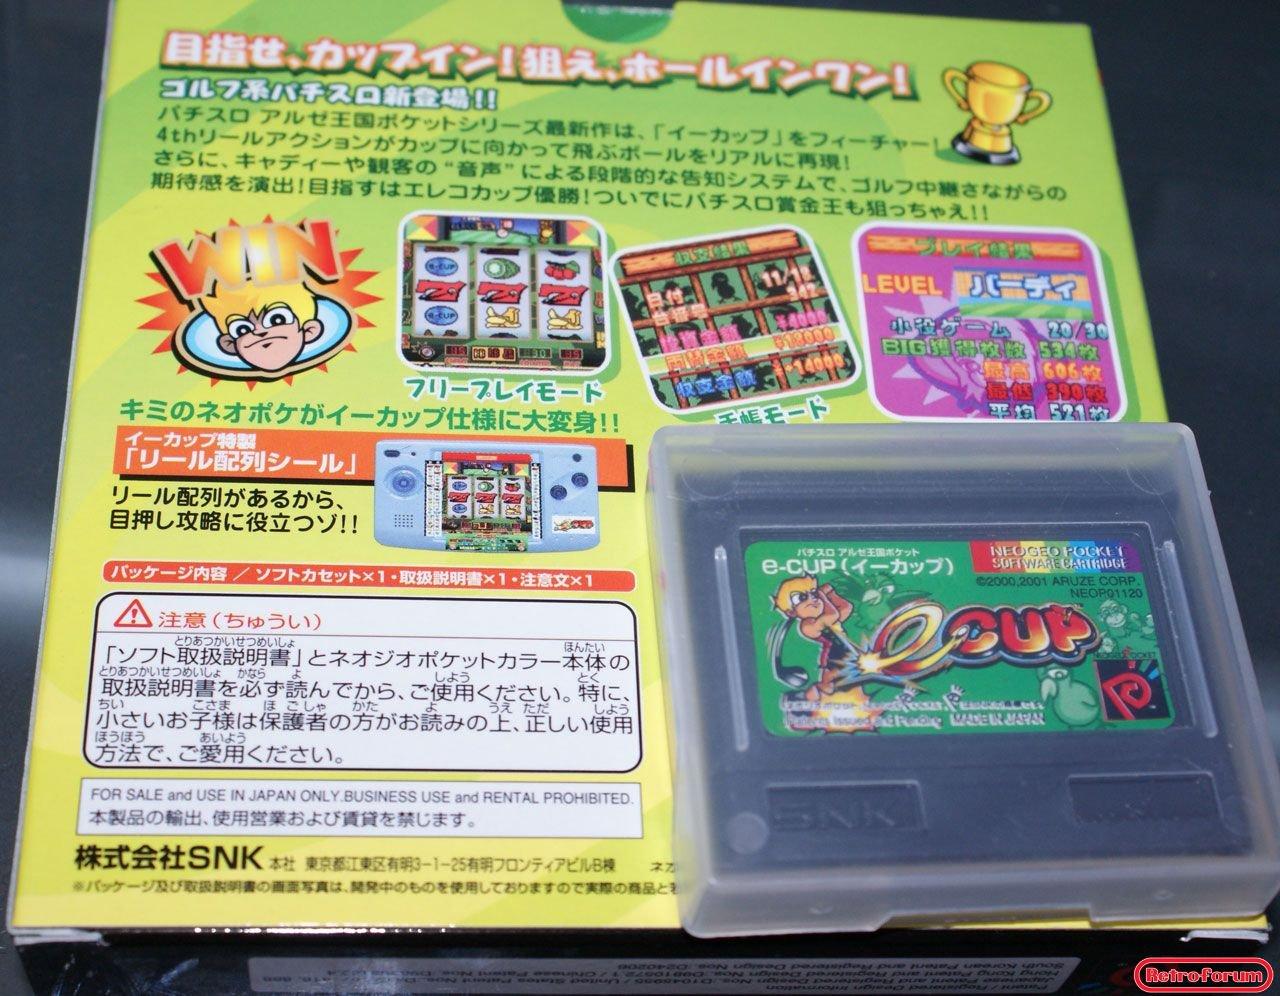 e-cup voor de Neo Geo Pocket (Color) incl doosje